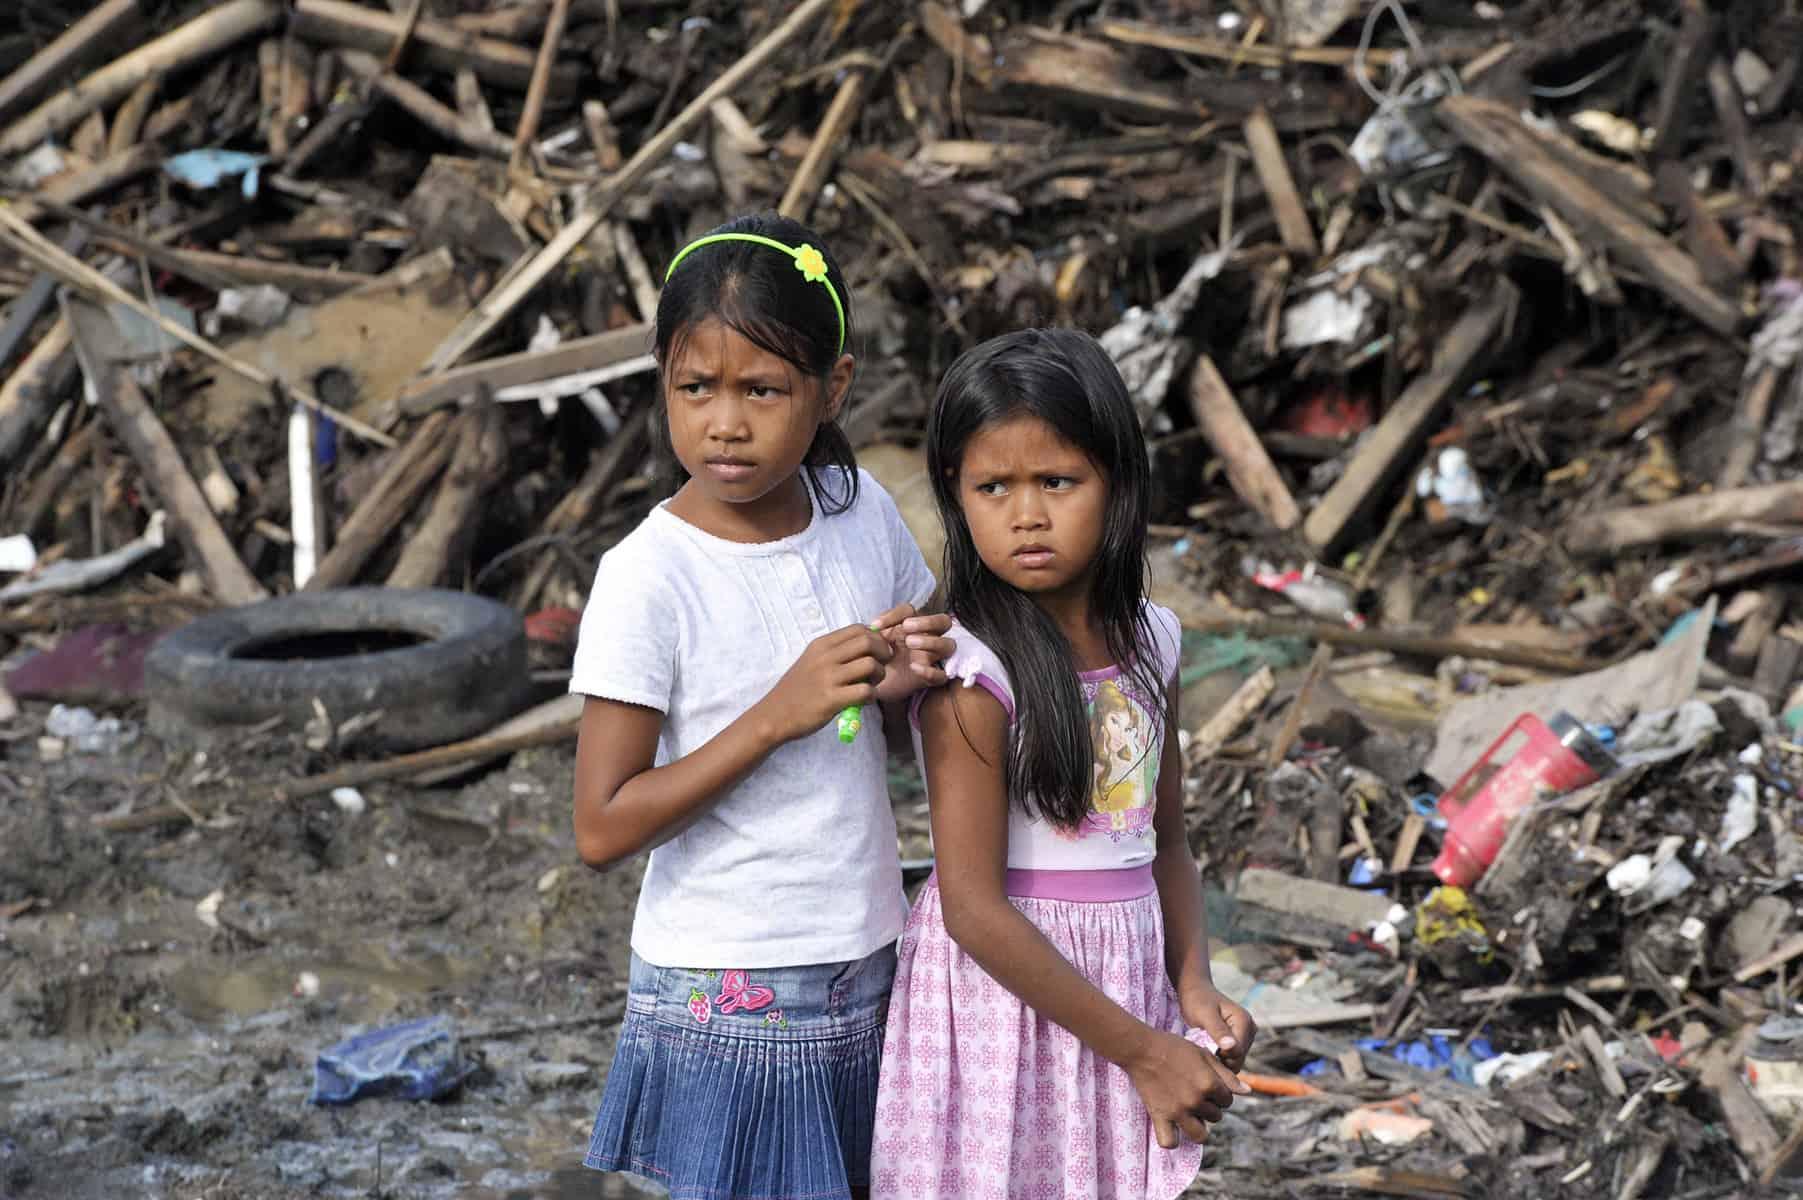 Survivors of Super Typhoon Yolanda in Tacloban City, Philippines, 2013. (cc) UN Photo/Evan Schneider